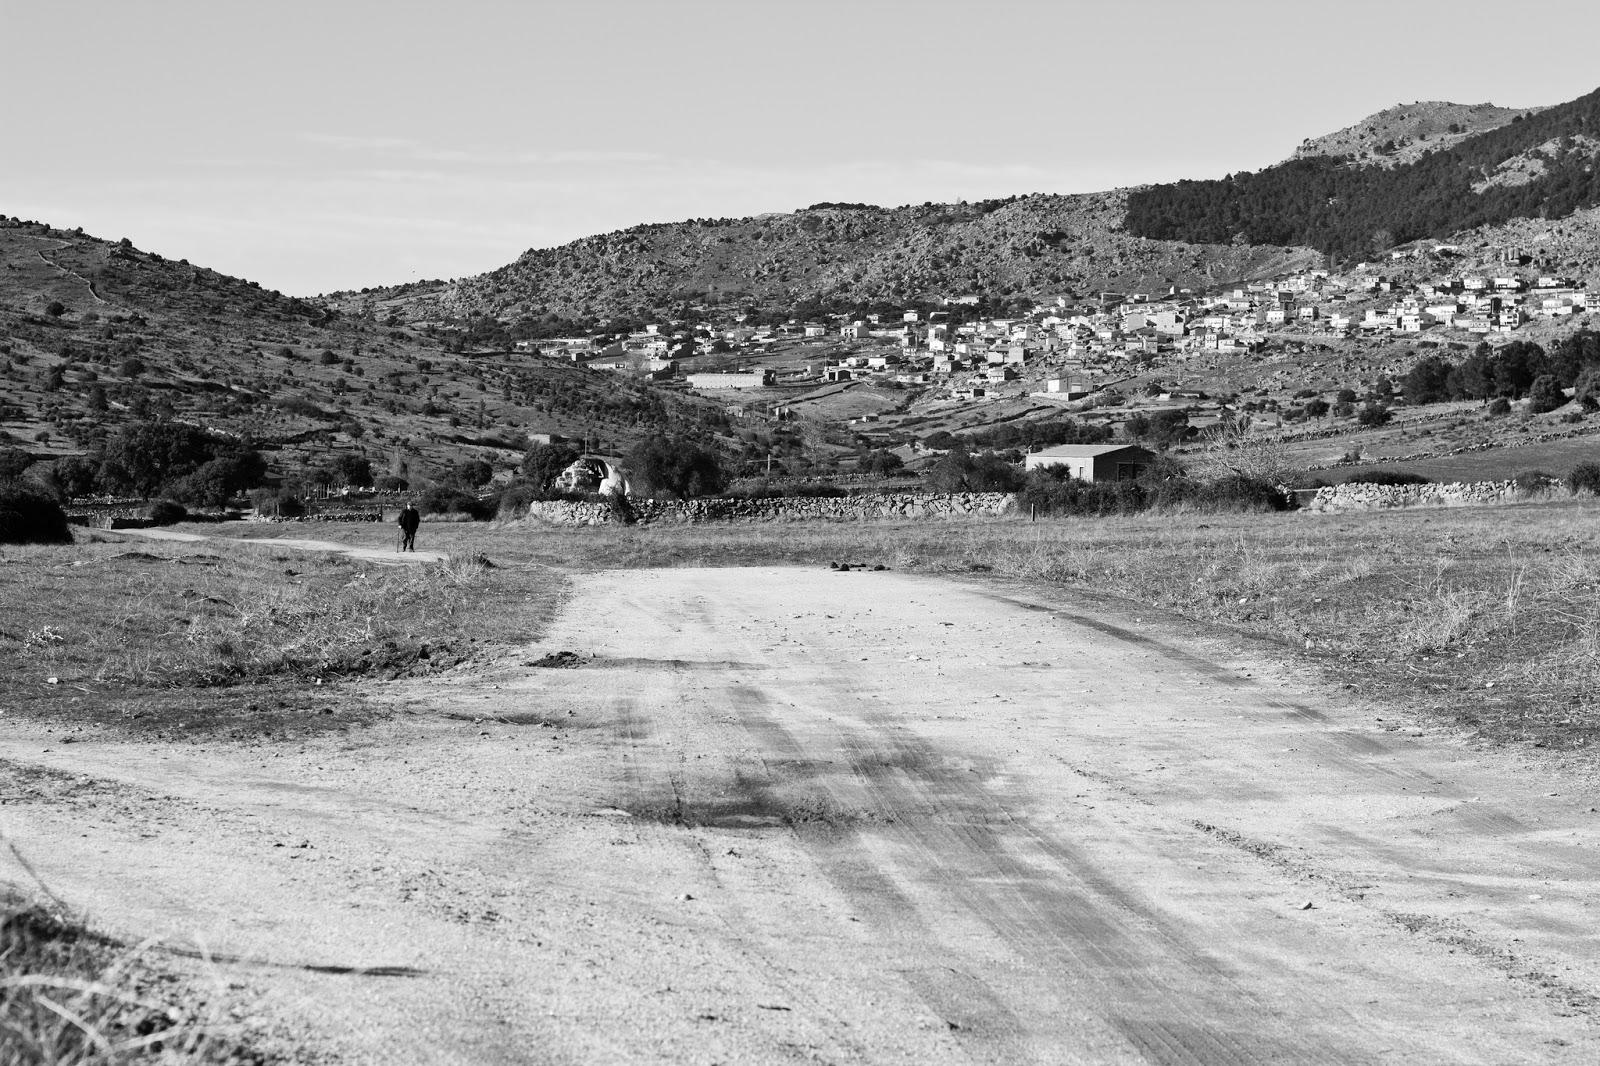 Camino, El Barraco, Avila 2013